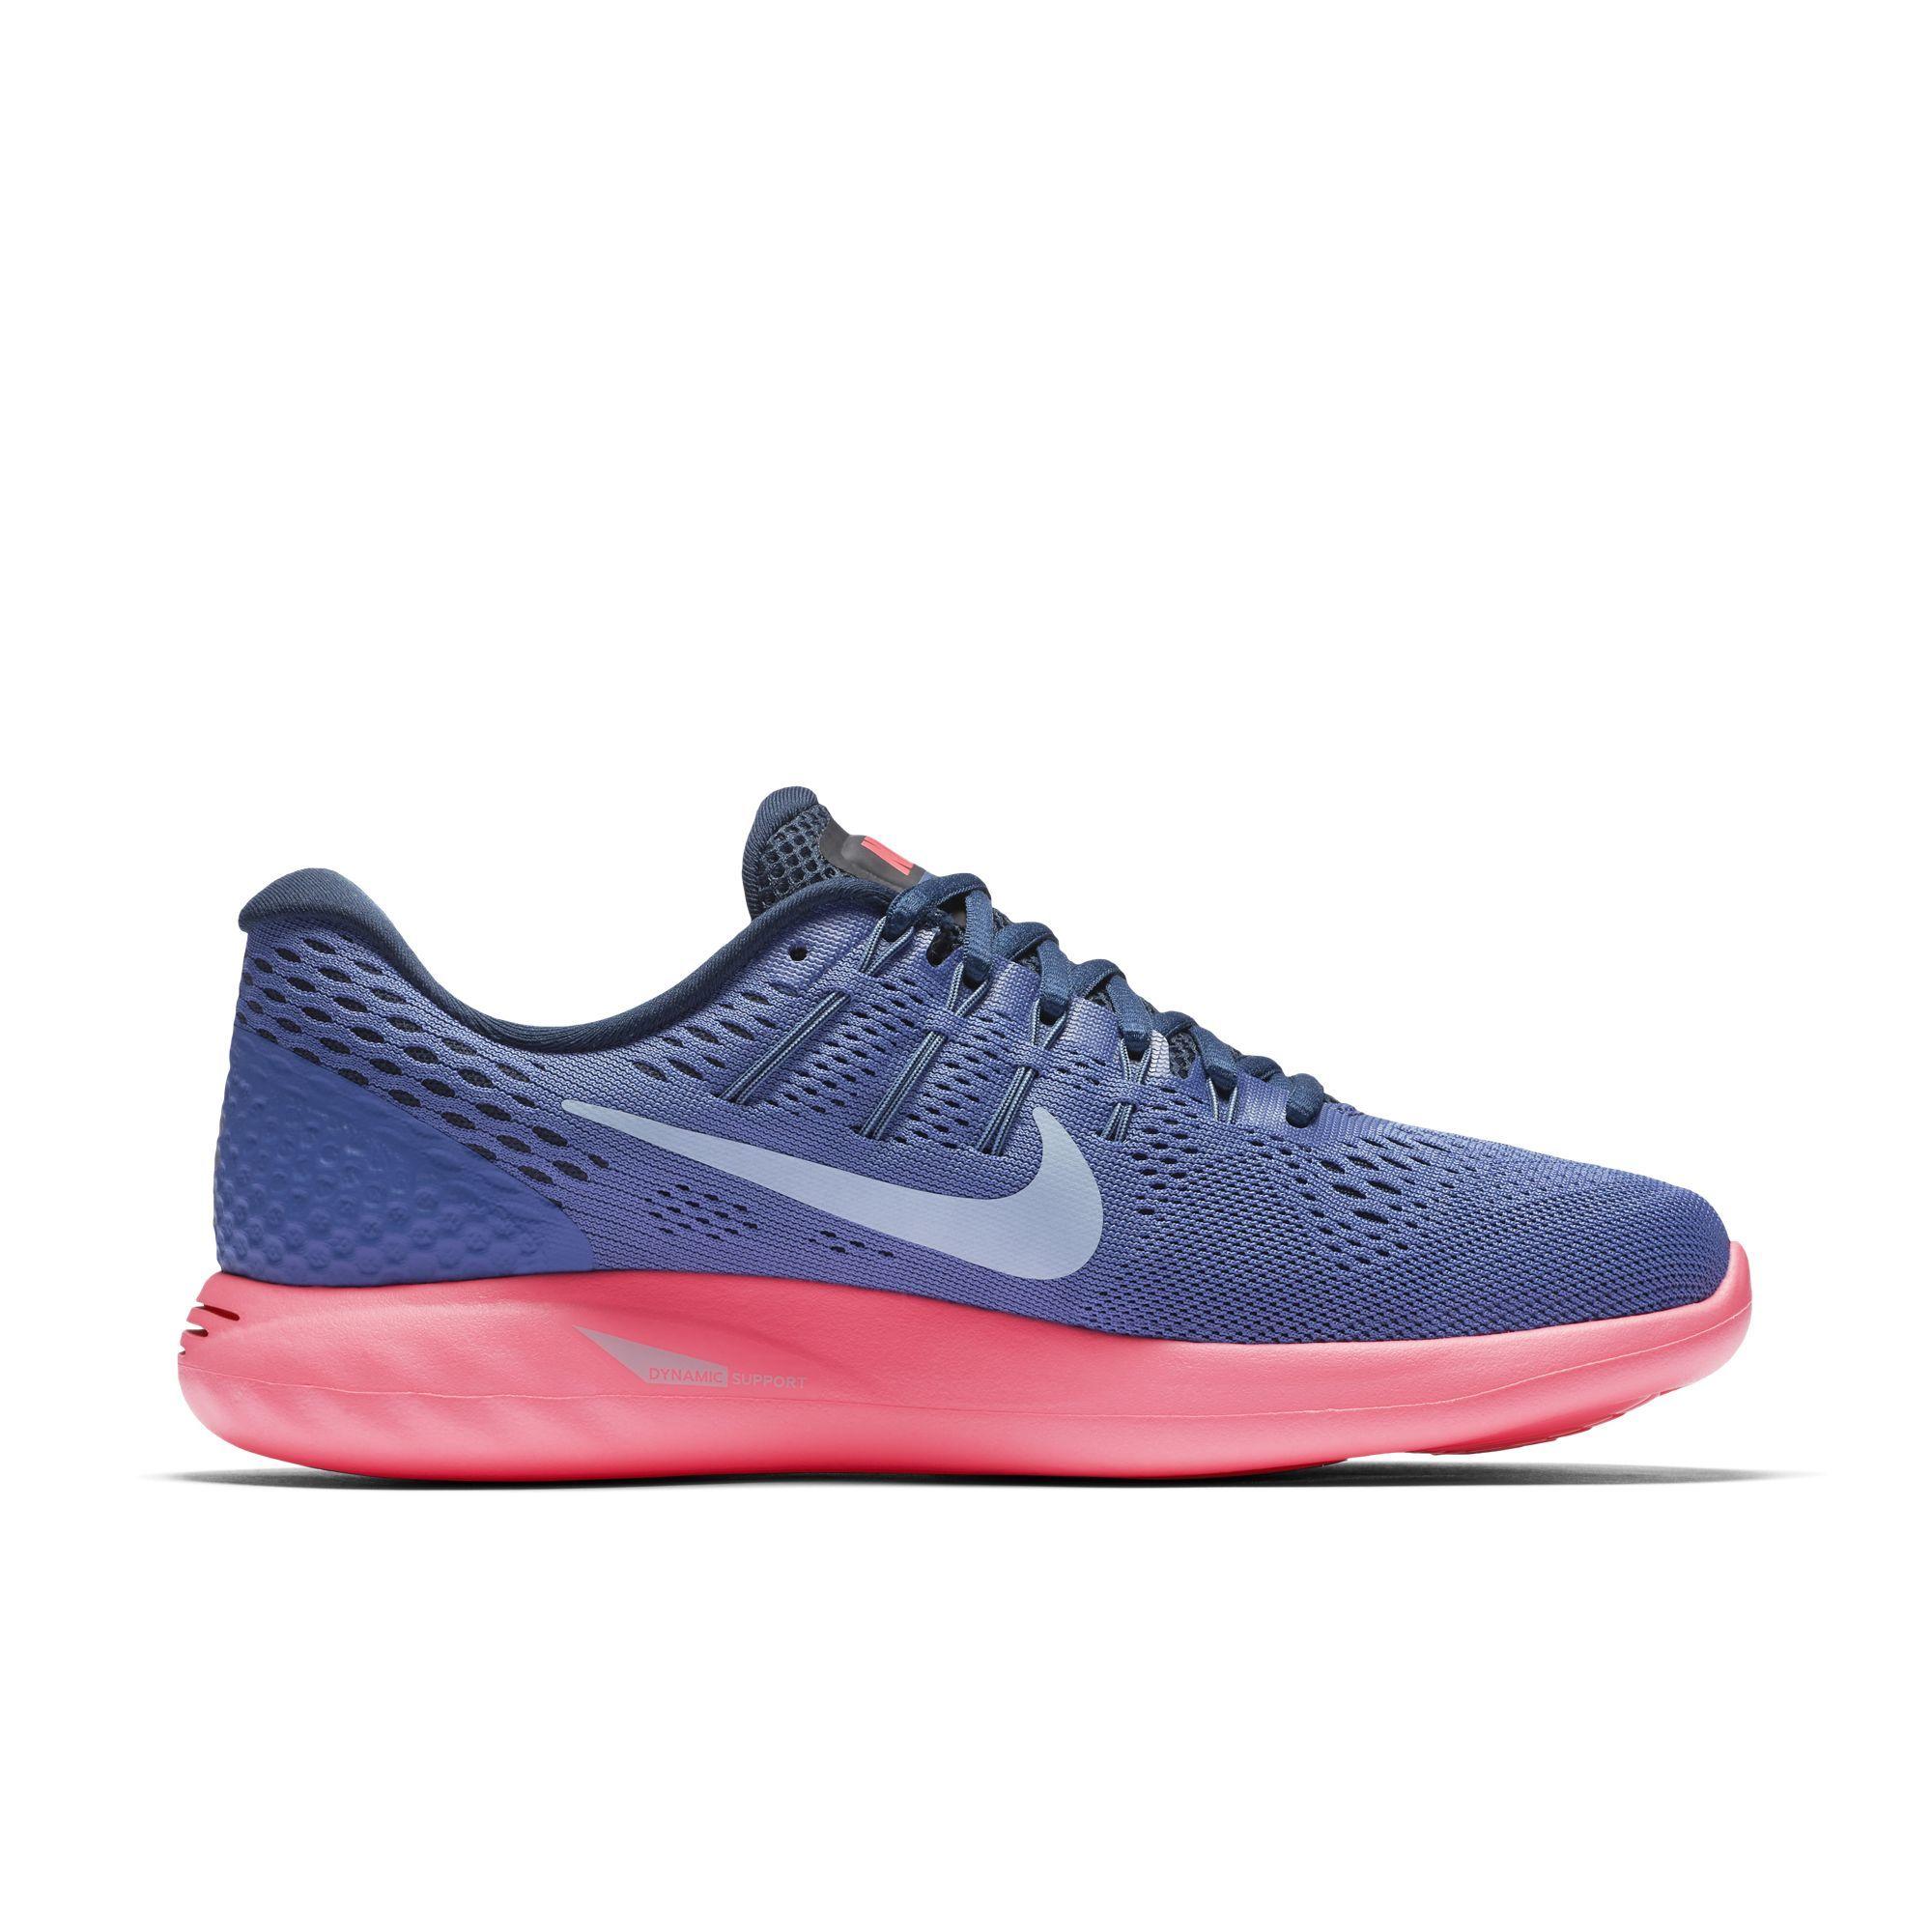 100% authentic 617d5 d7bef Women s   Nike LunarGlide 8   Fleet Feet